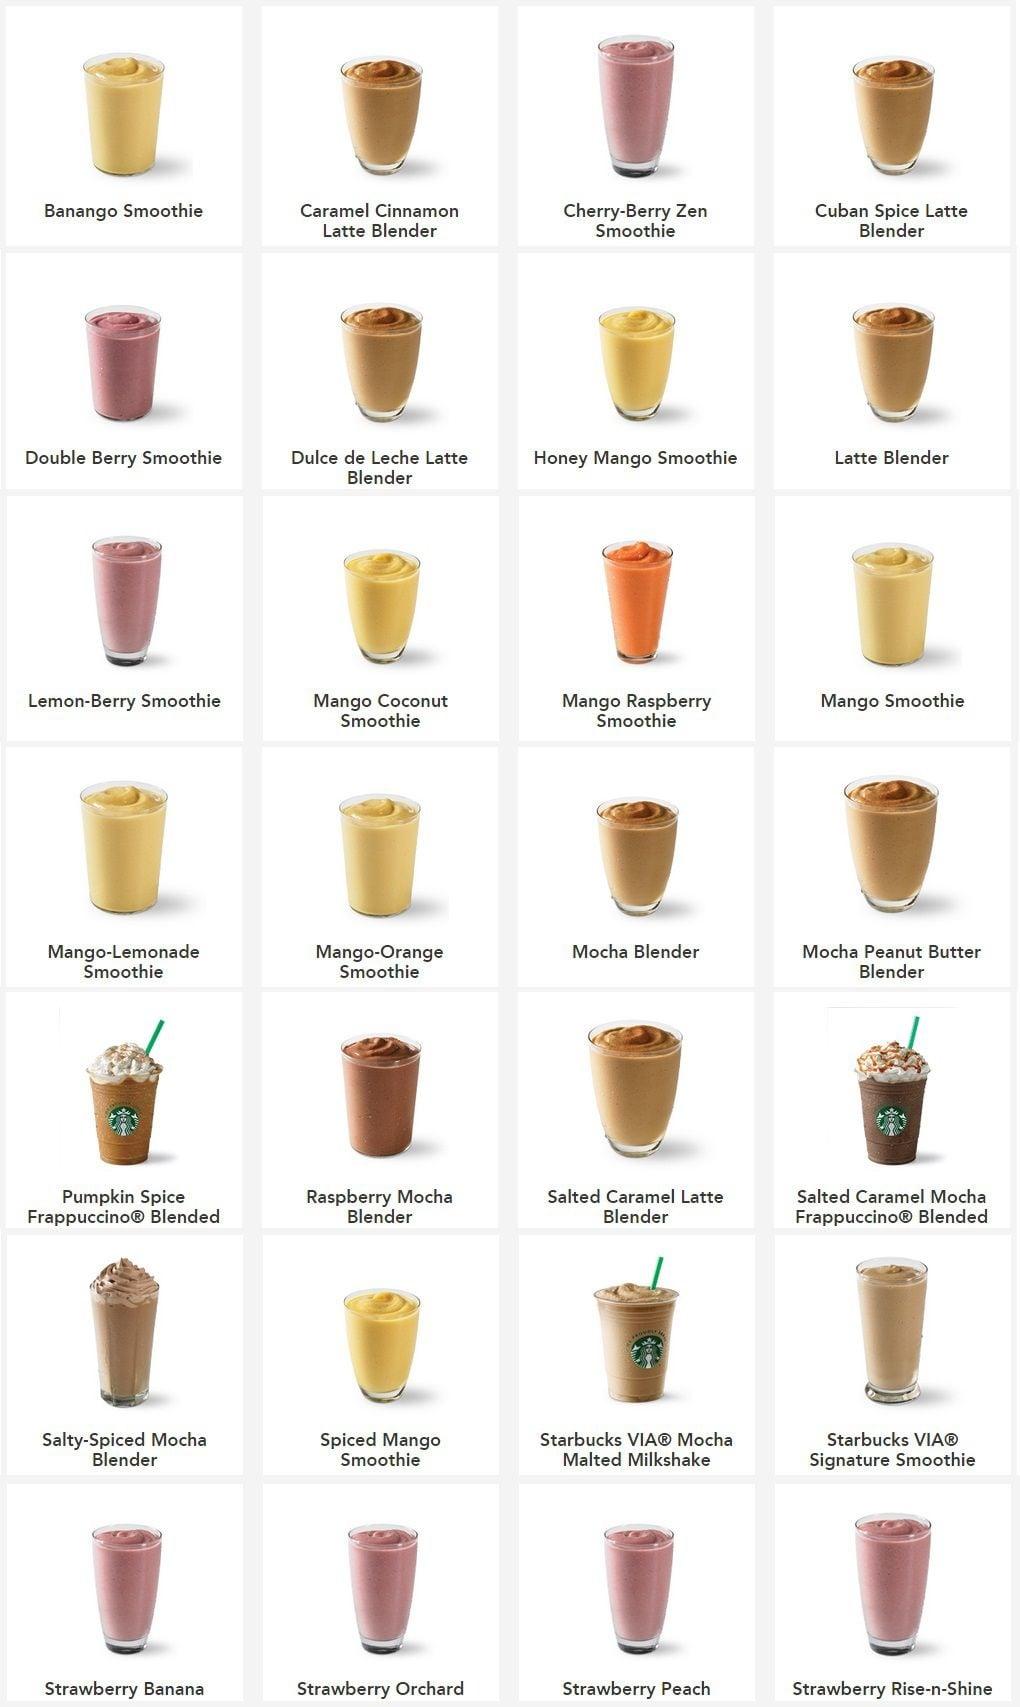 công thức đá xay Starbucks khoinghiepcafe.com